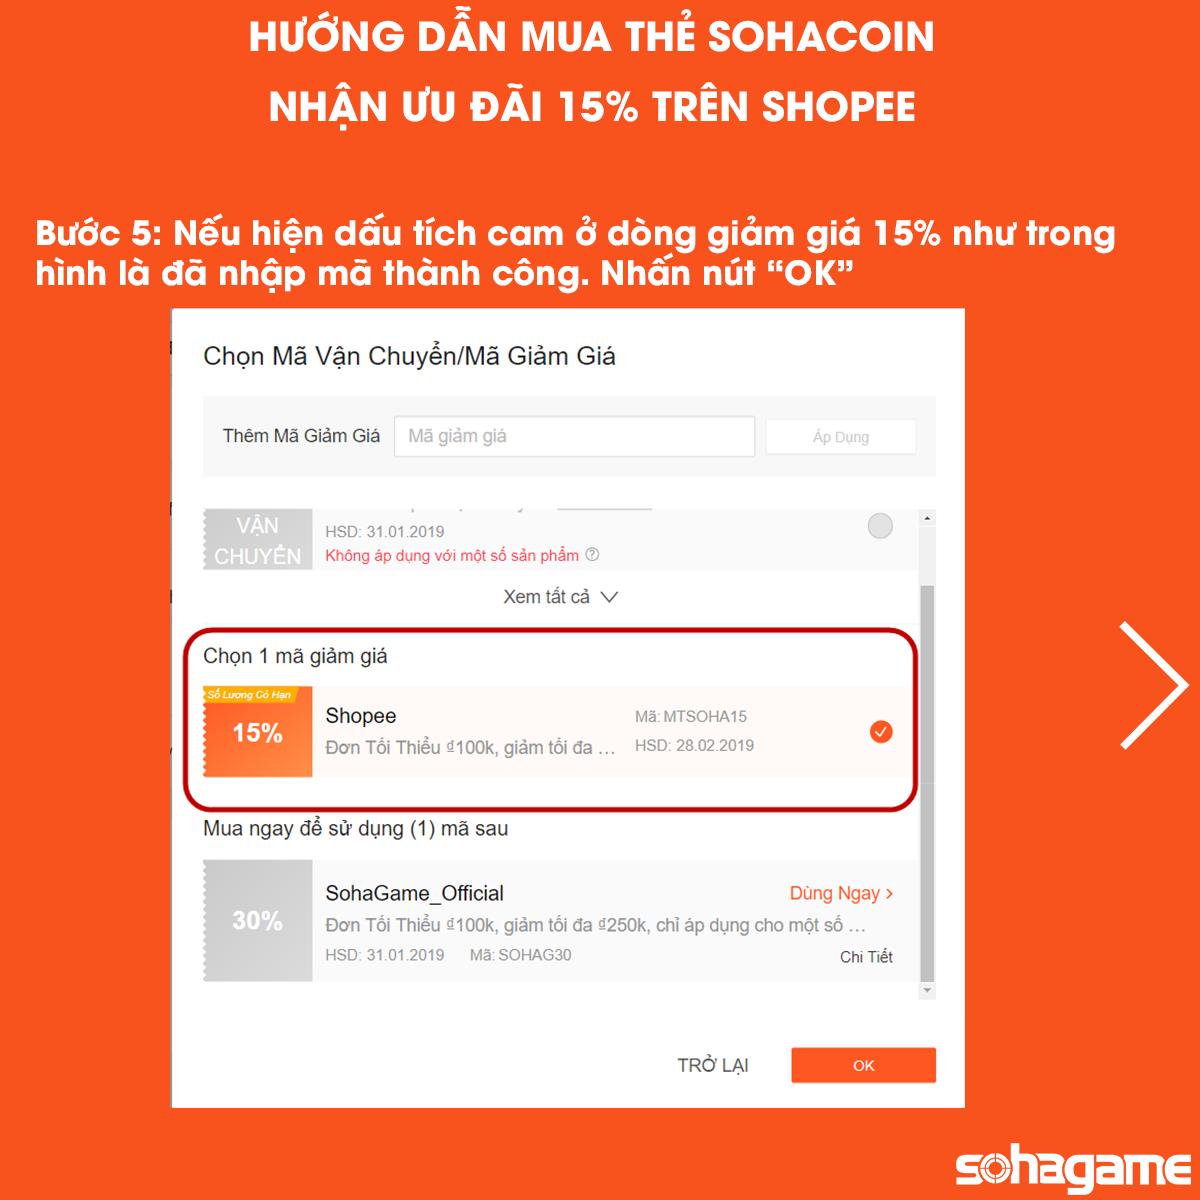 GIẢM 15% KHI MUA THẺ SOHACOIN TRÊN SHOPEE - 7